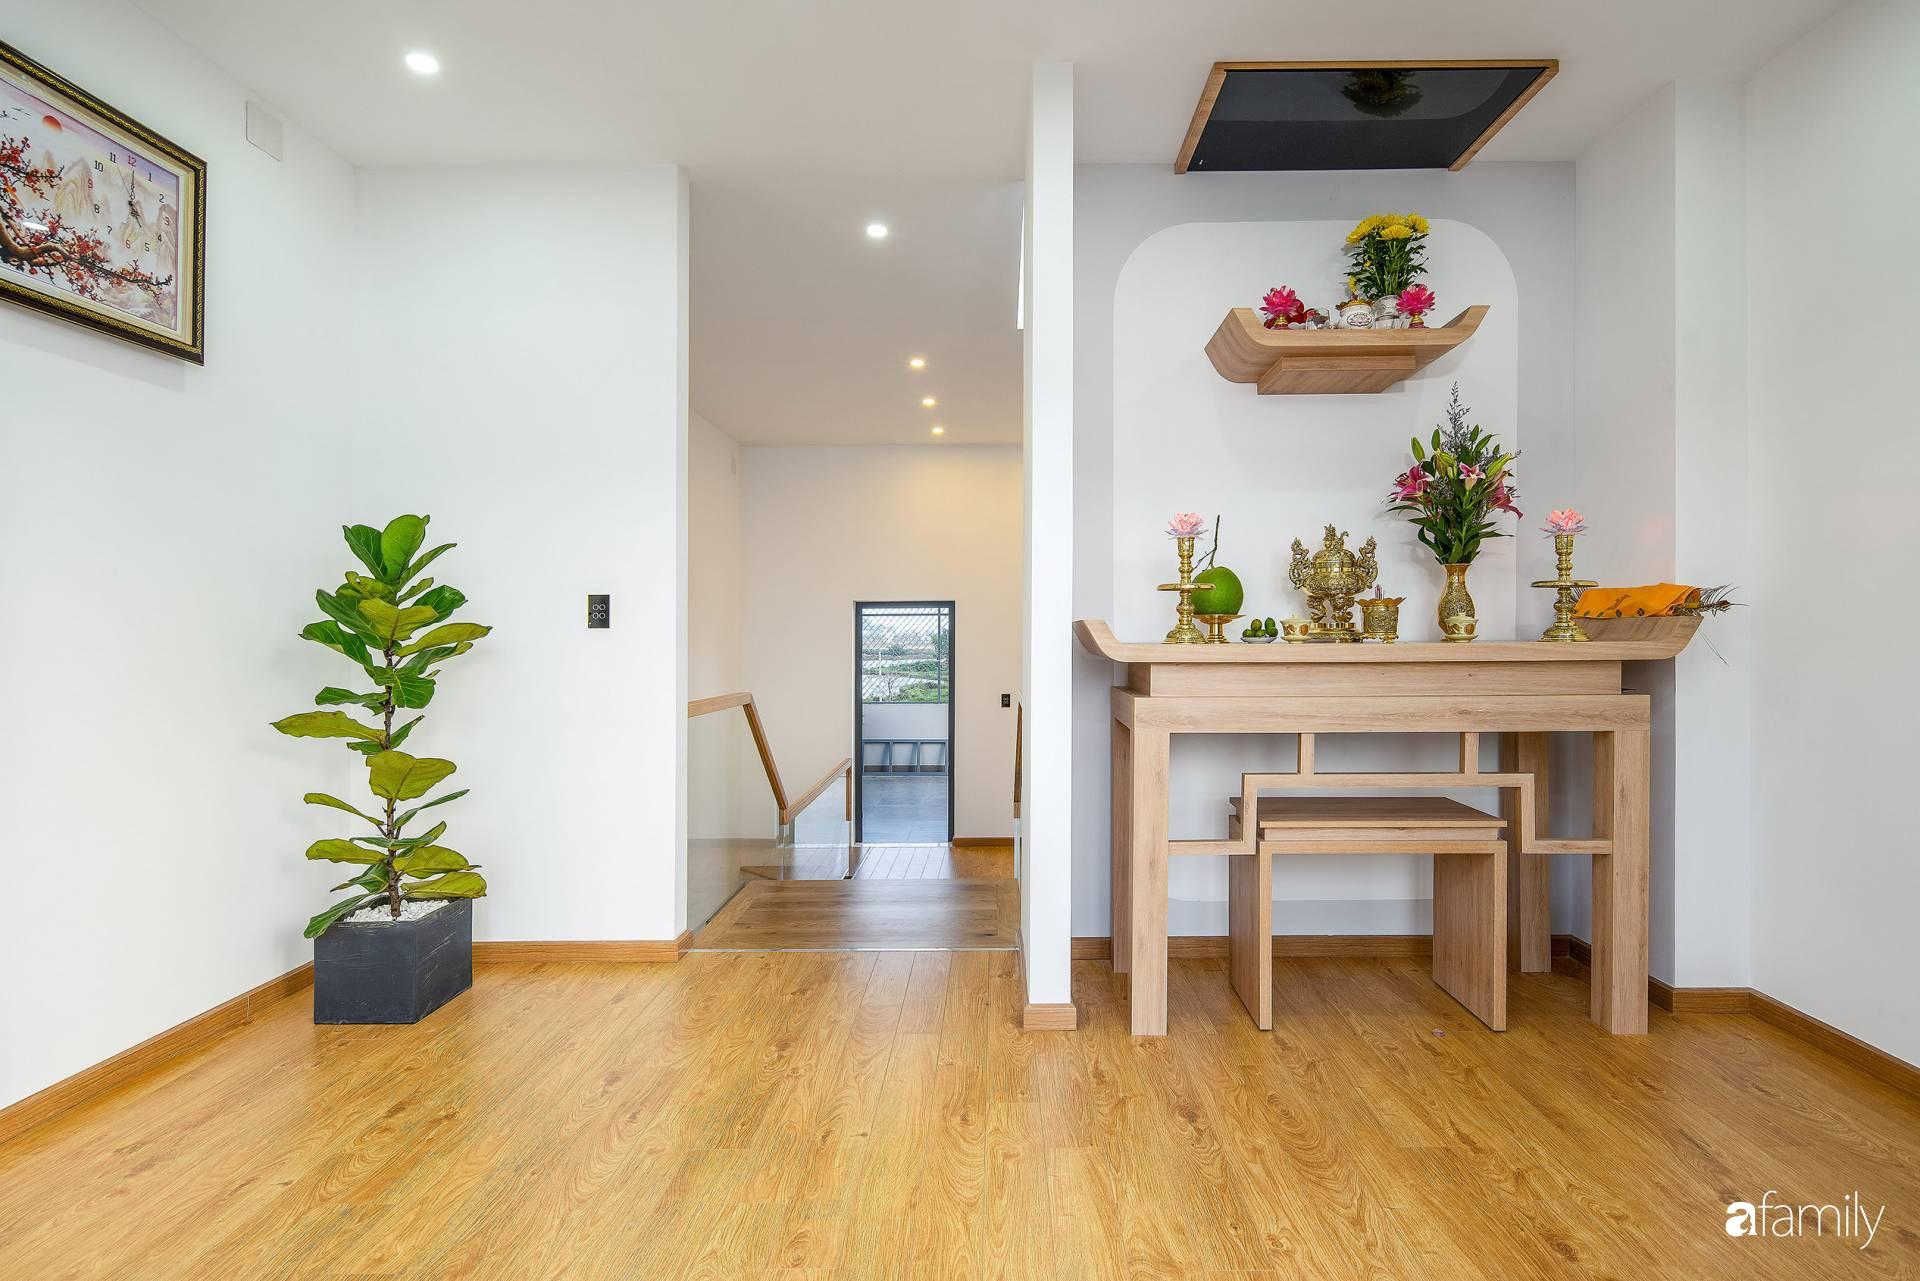 Ngôi nhà 100m2 thiết kế thông minh, tiện lợi dành cho gia đình 3 thế hệ ở Đà Nẵng - Ảnh 19.